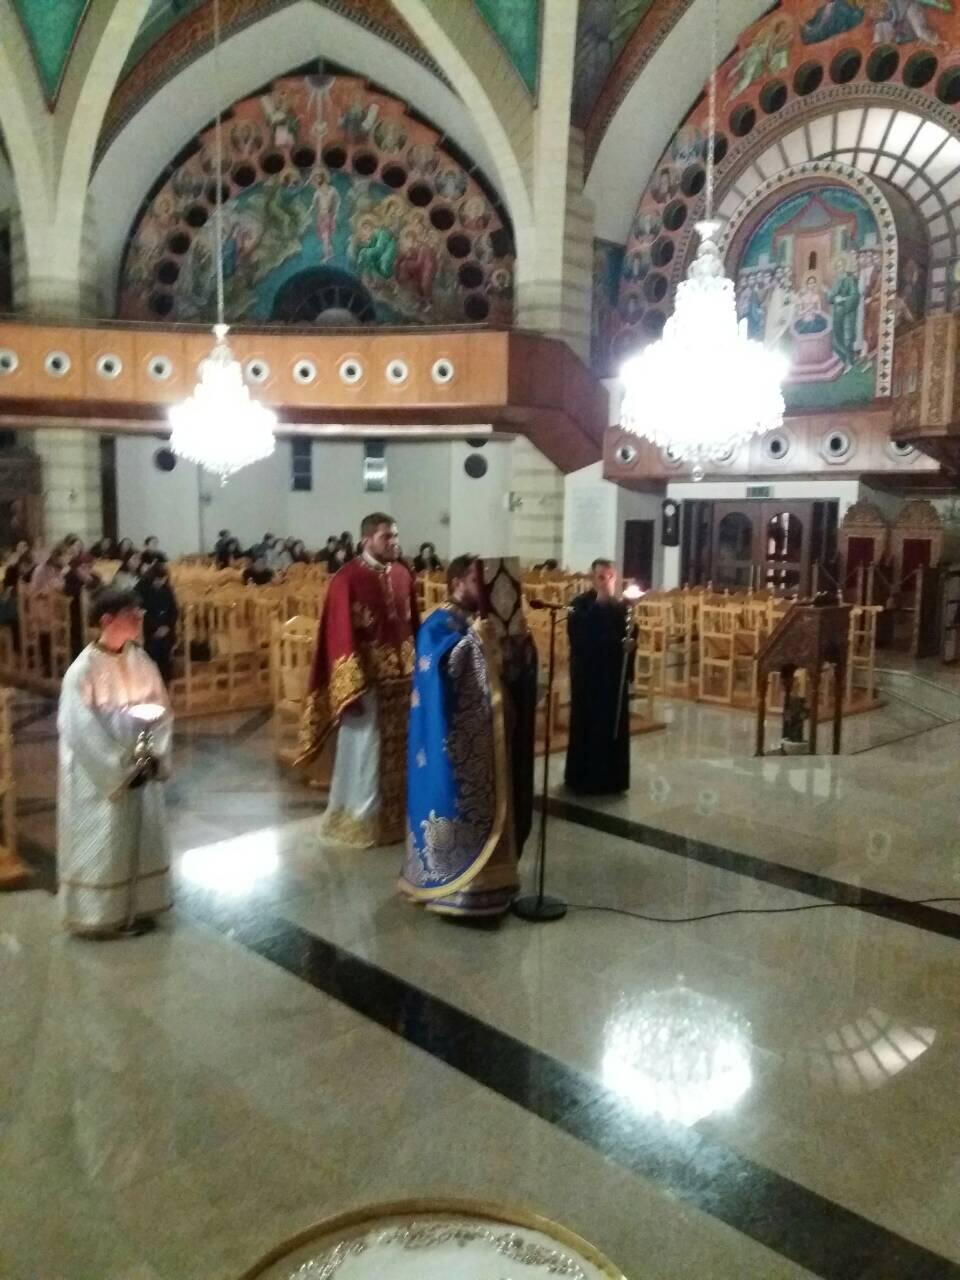 Ιερά Αγρυπνία στον Ιερό Ναό των Αγίων Κωνσταντίνου και Ελένης Λευκωσίας